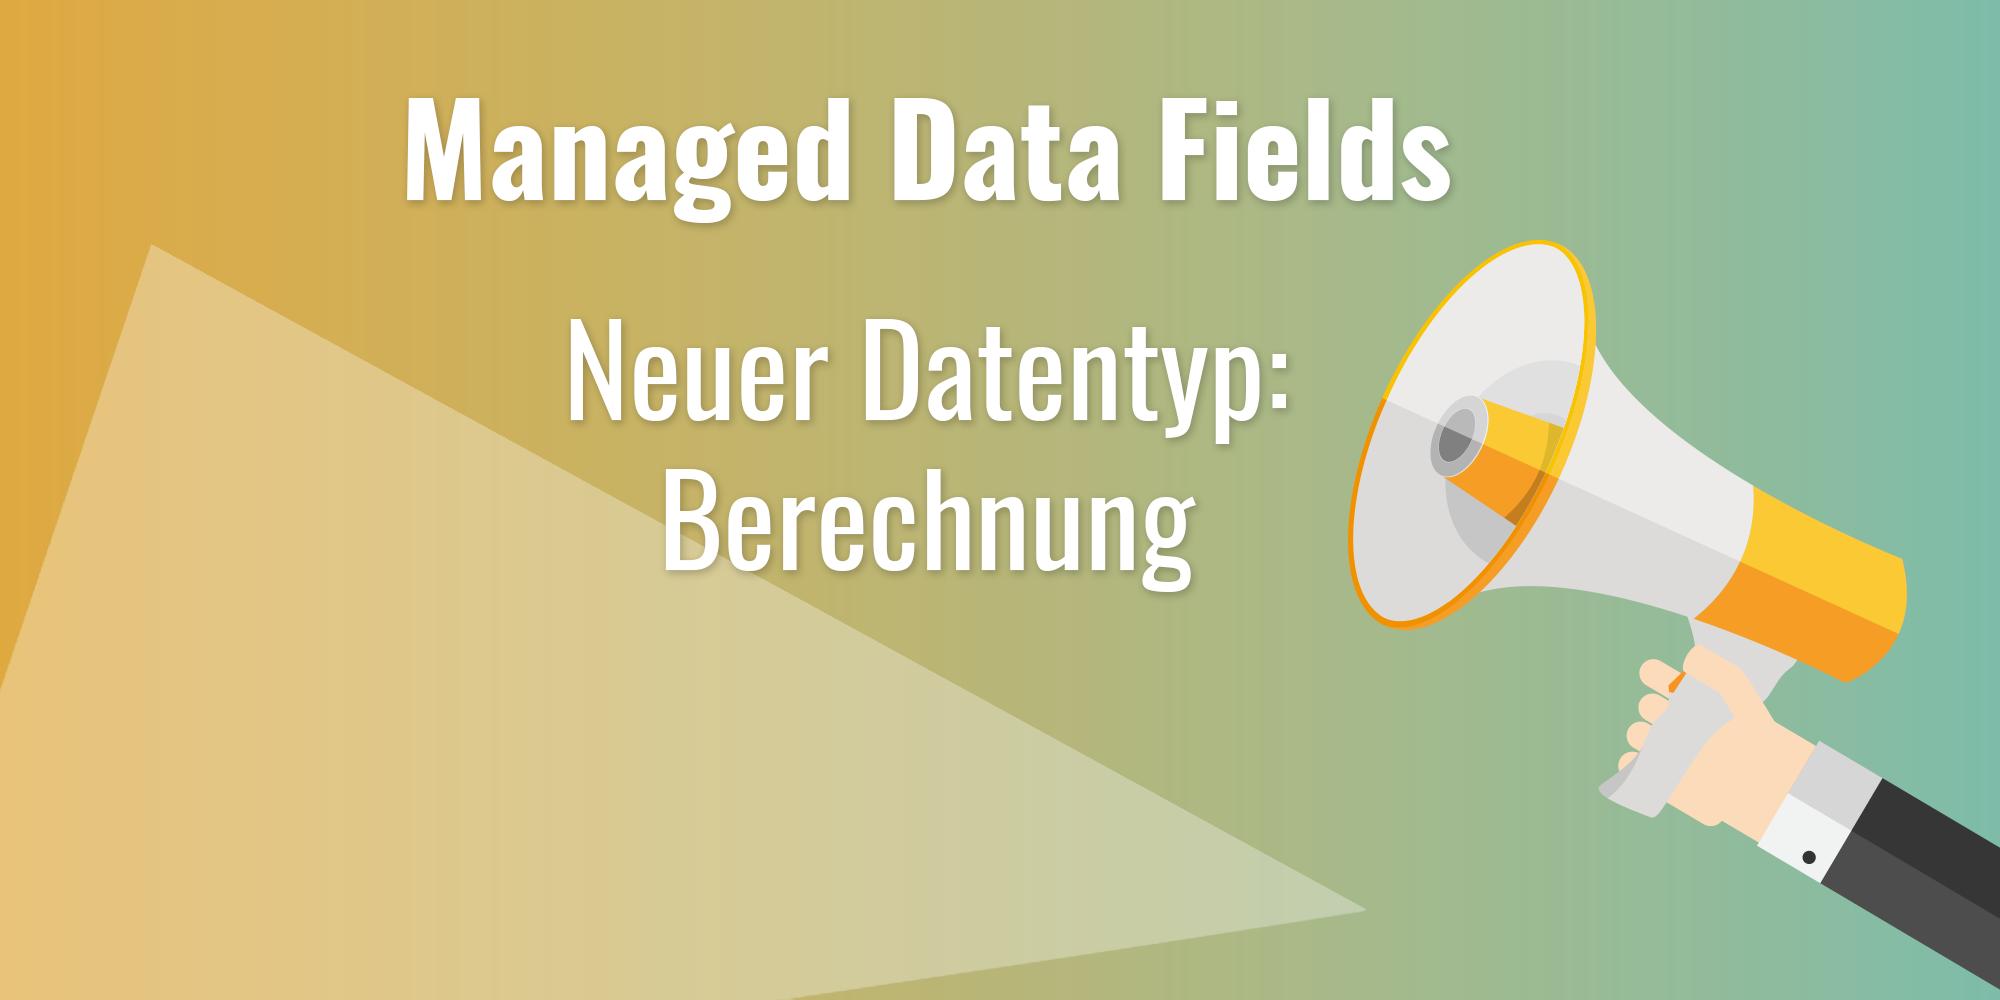 Managed Data Fields - Neuer Datentyp: Berechnung